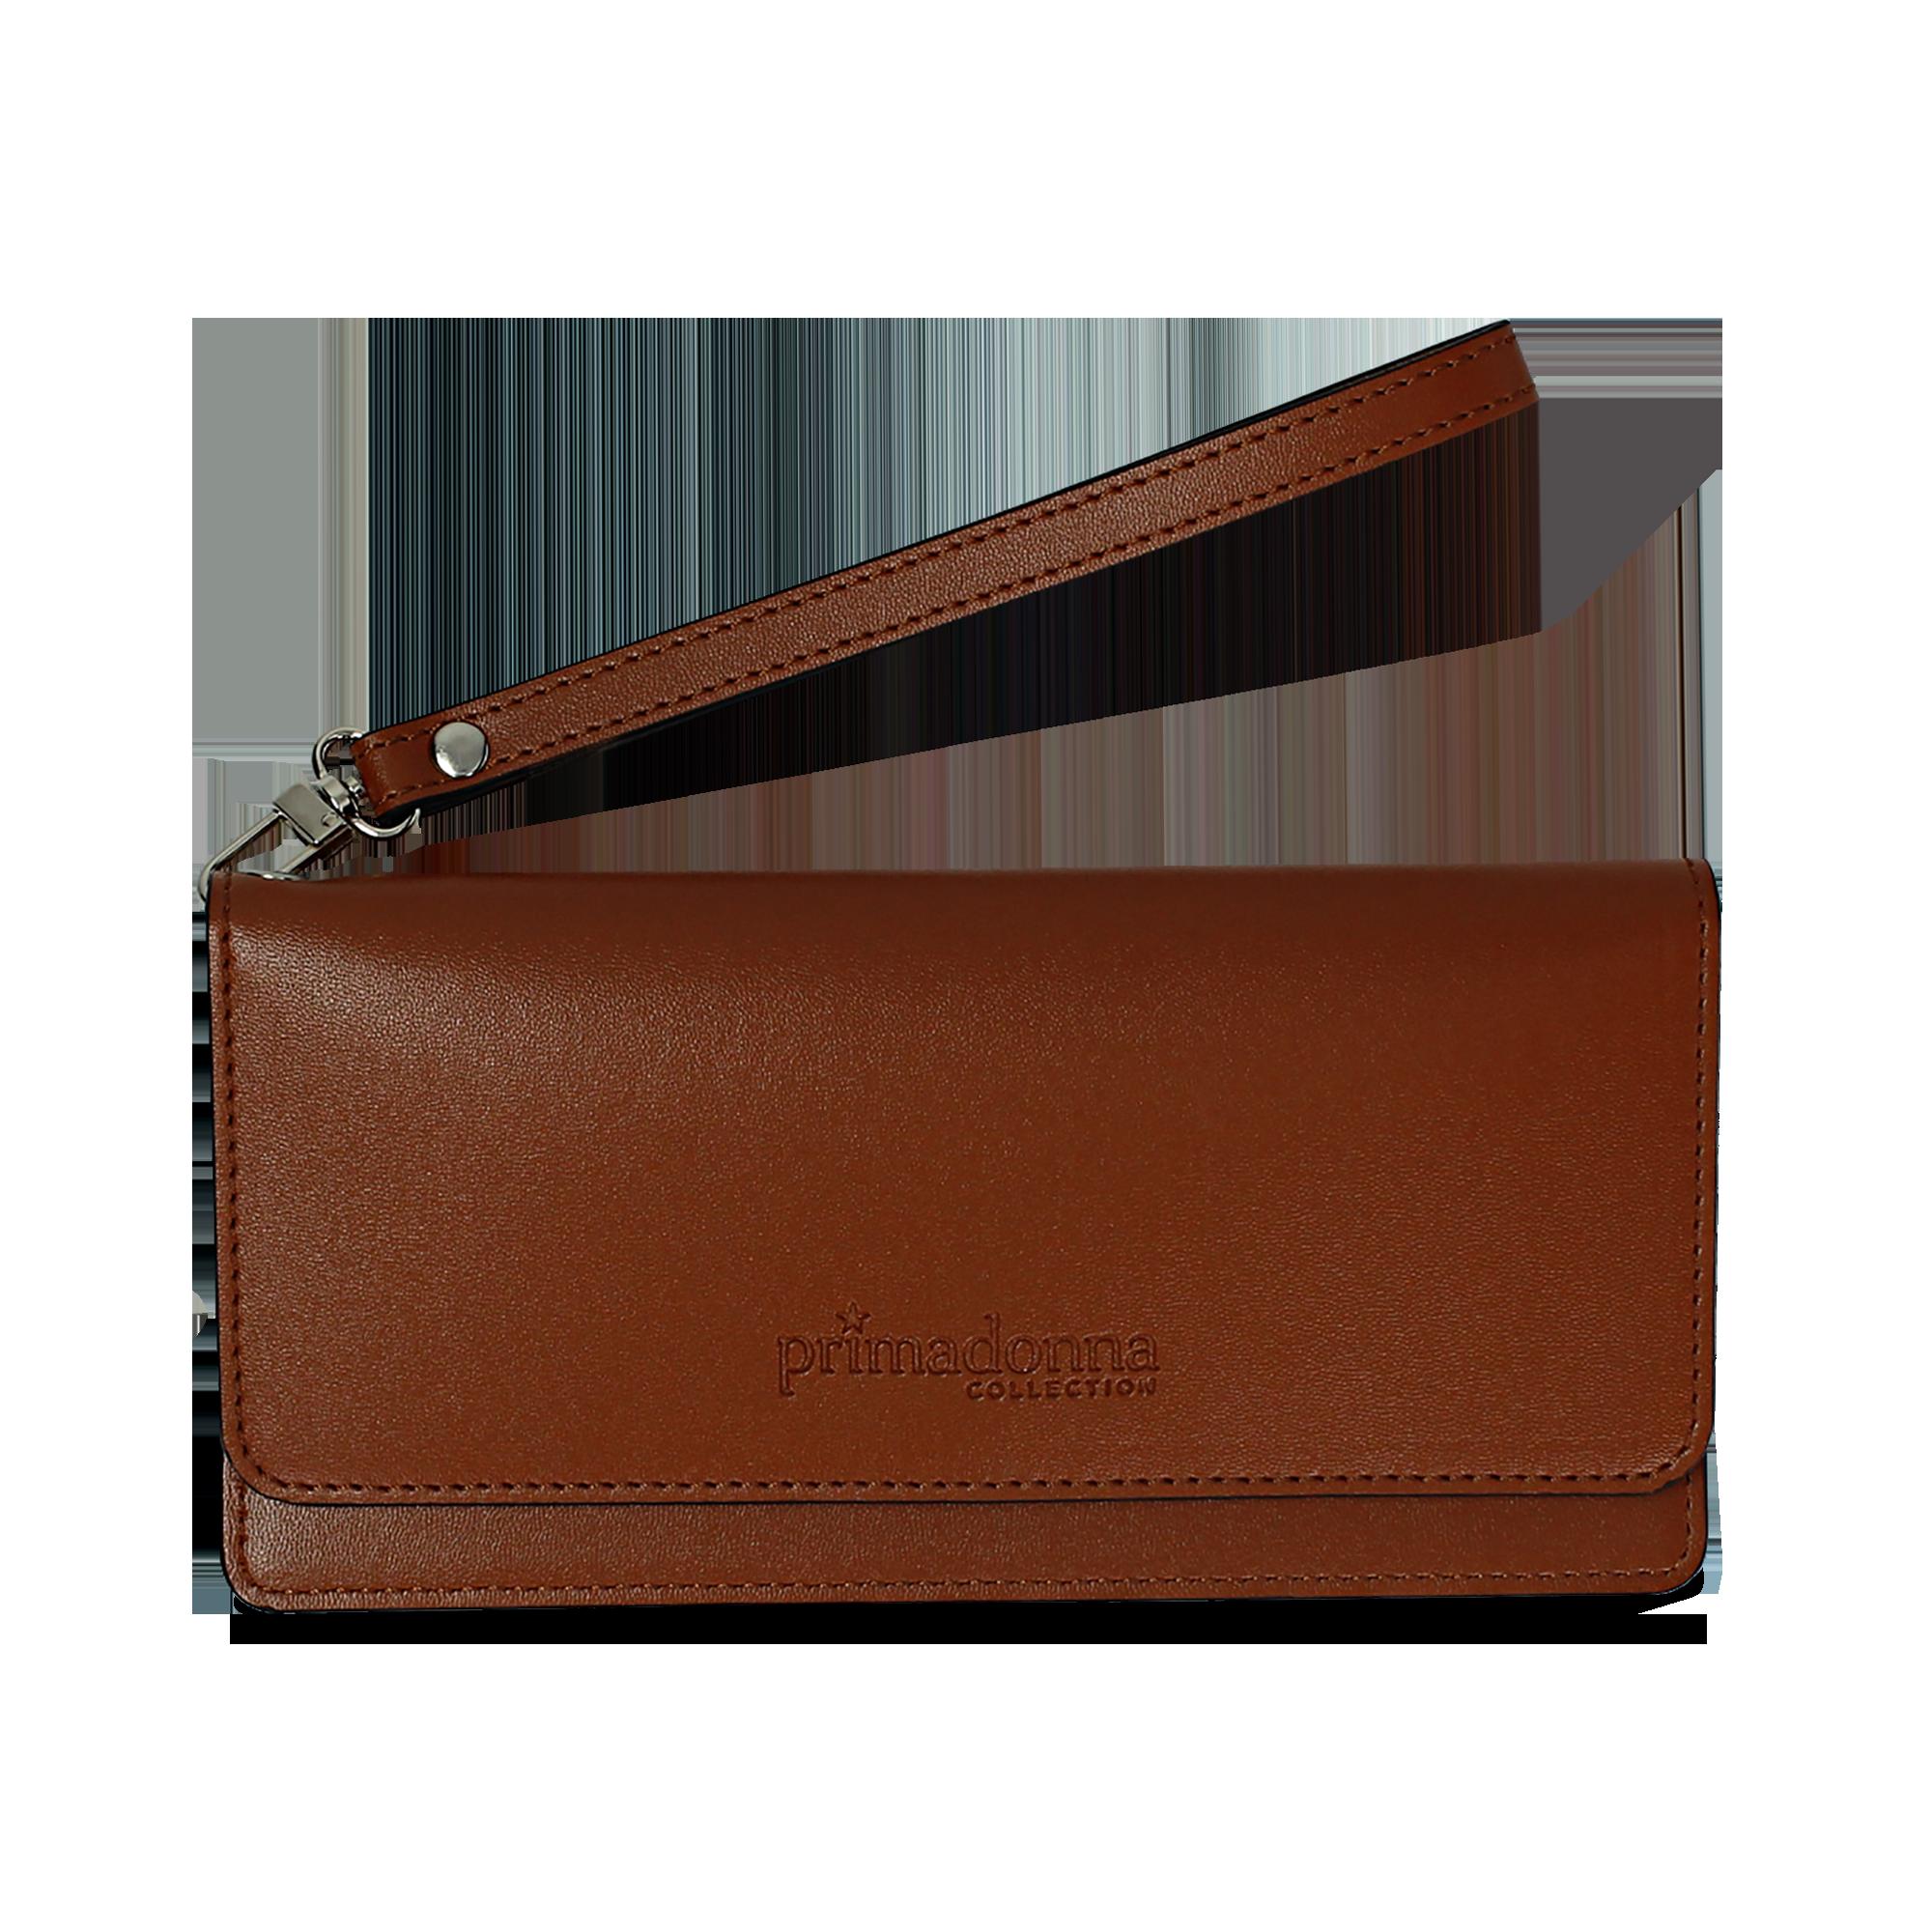 nuovo stile aba37 0d40a Portafoglio da Donna cuoio in eco-pelle | Primadonna Collection